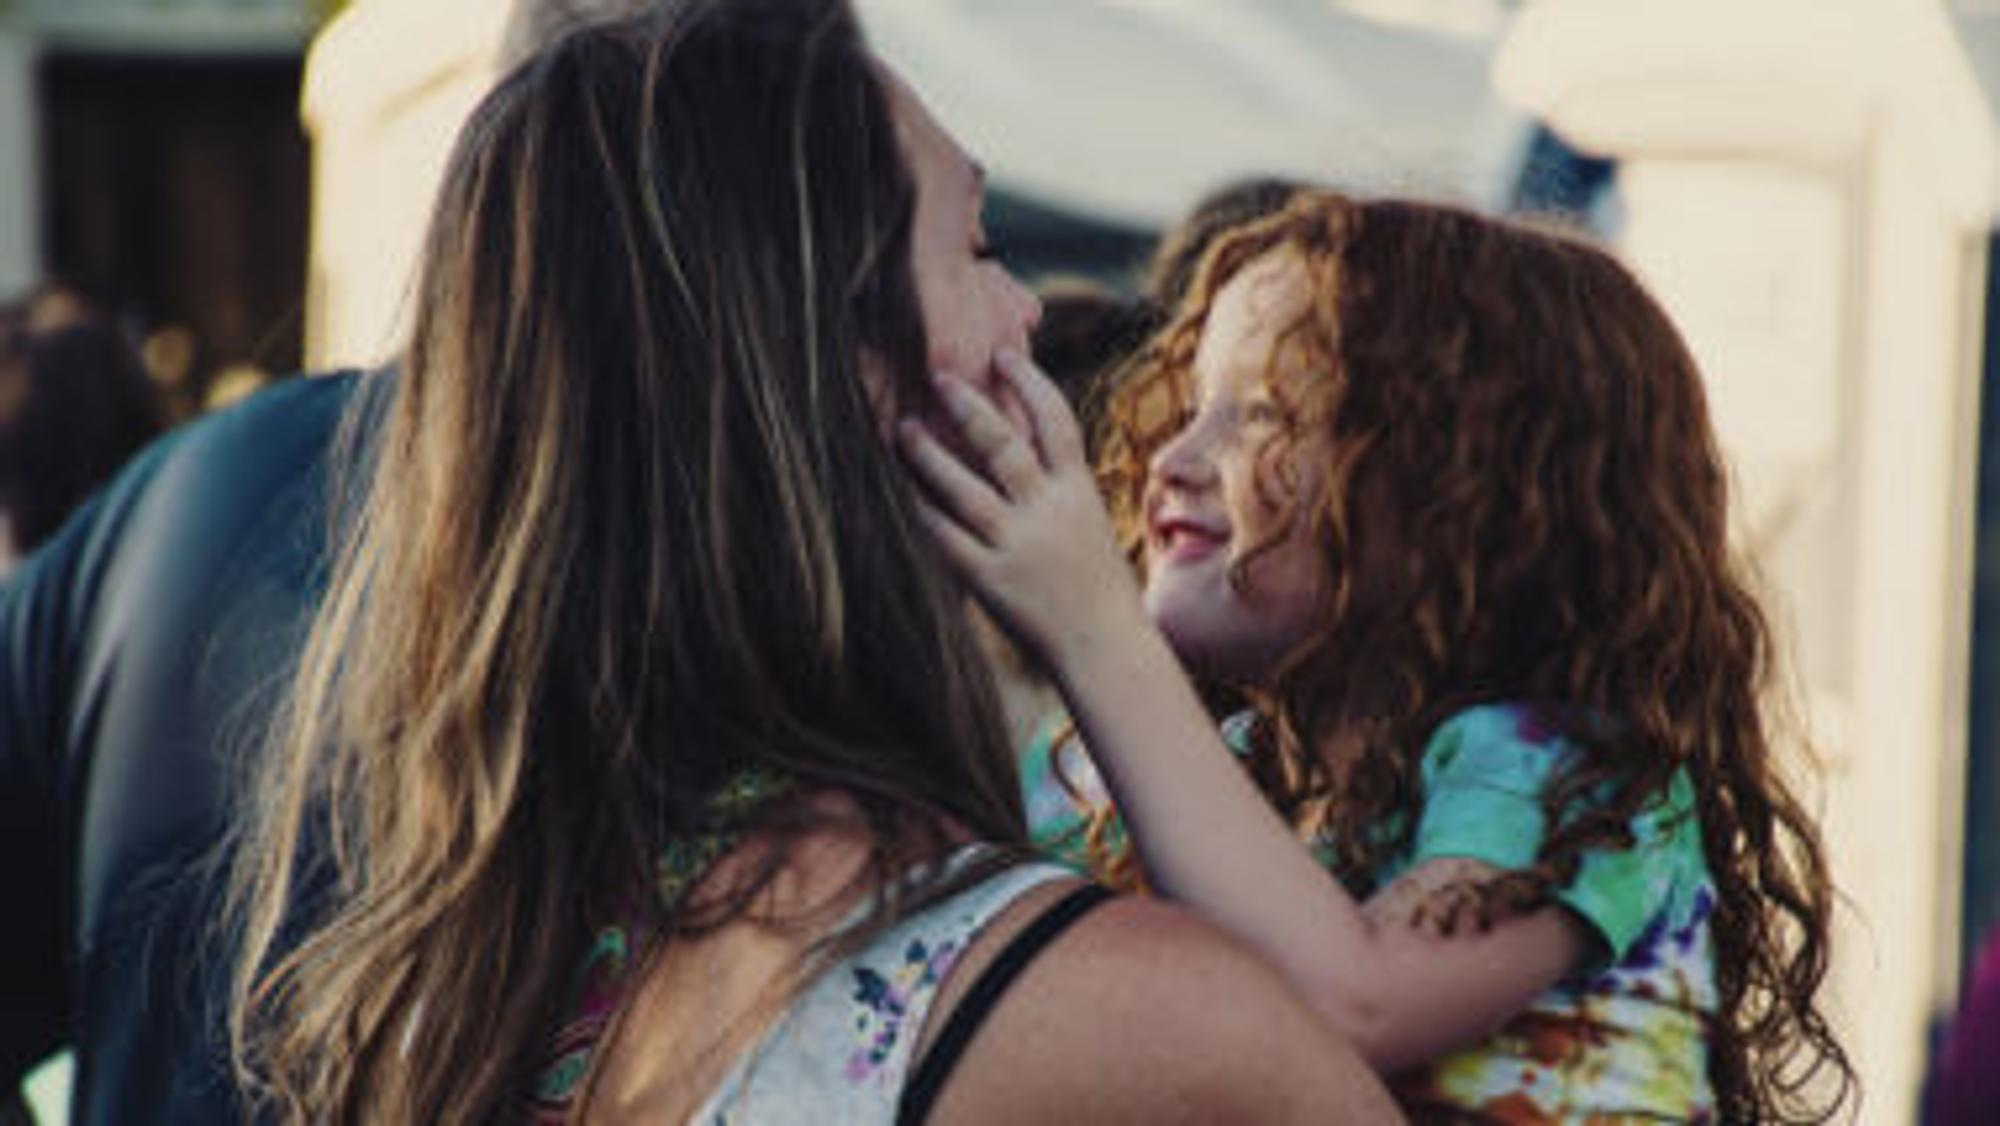 Mutter hat Tochter auf dem Arm